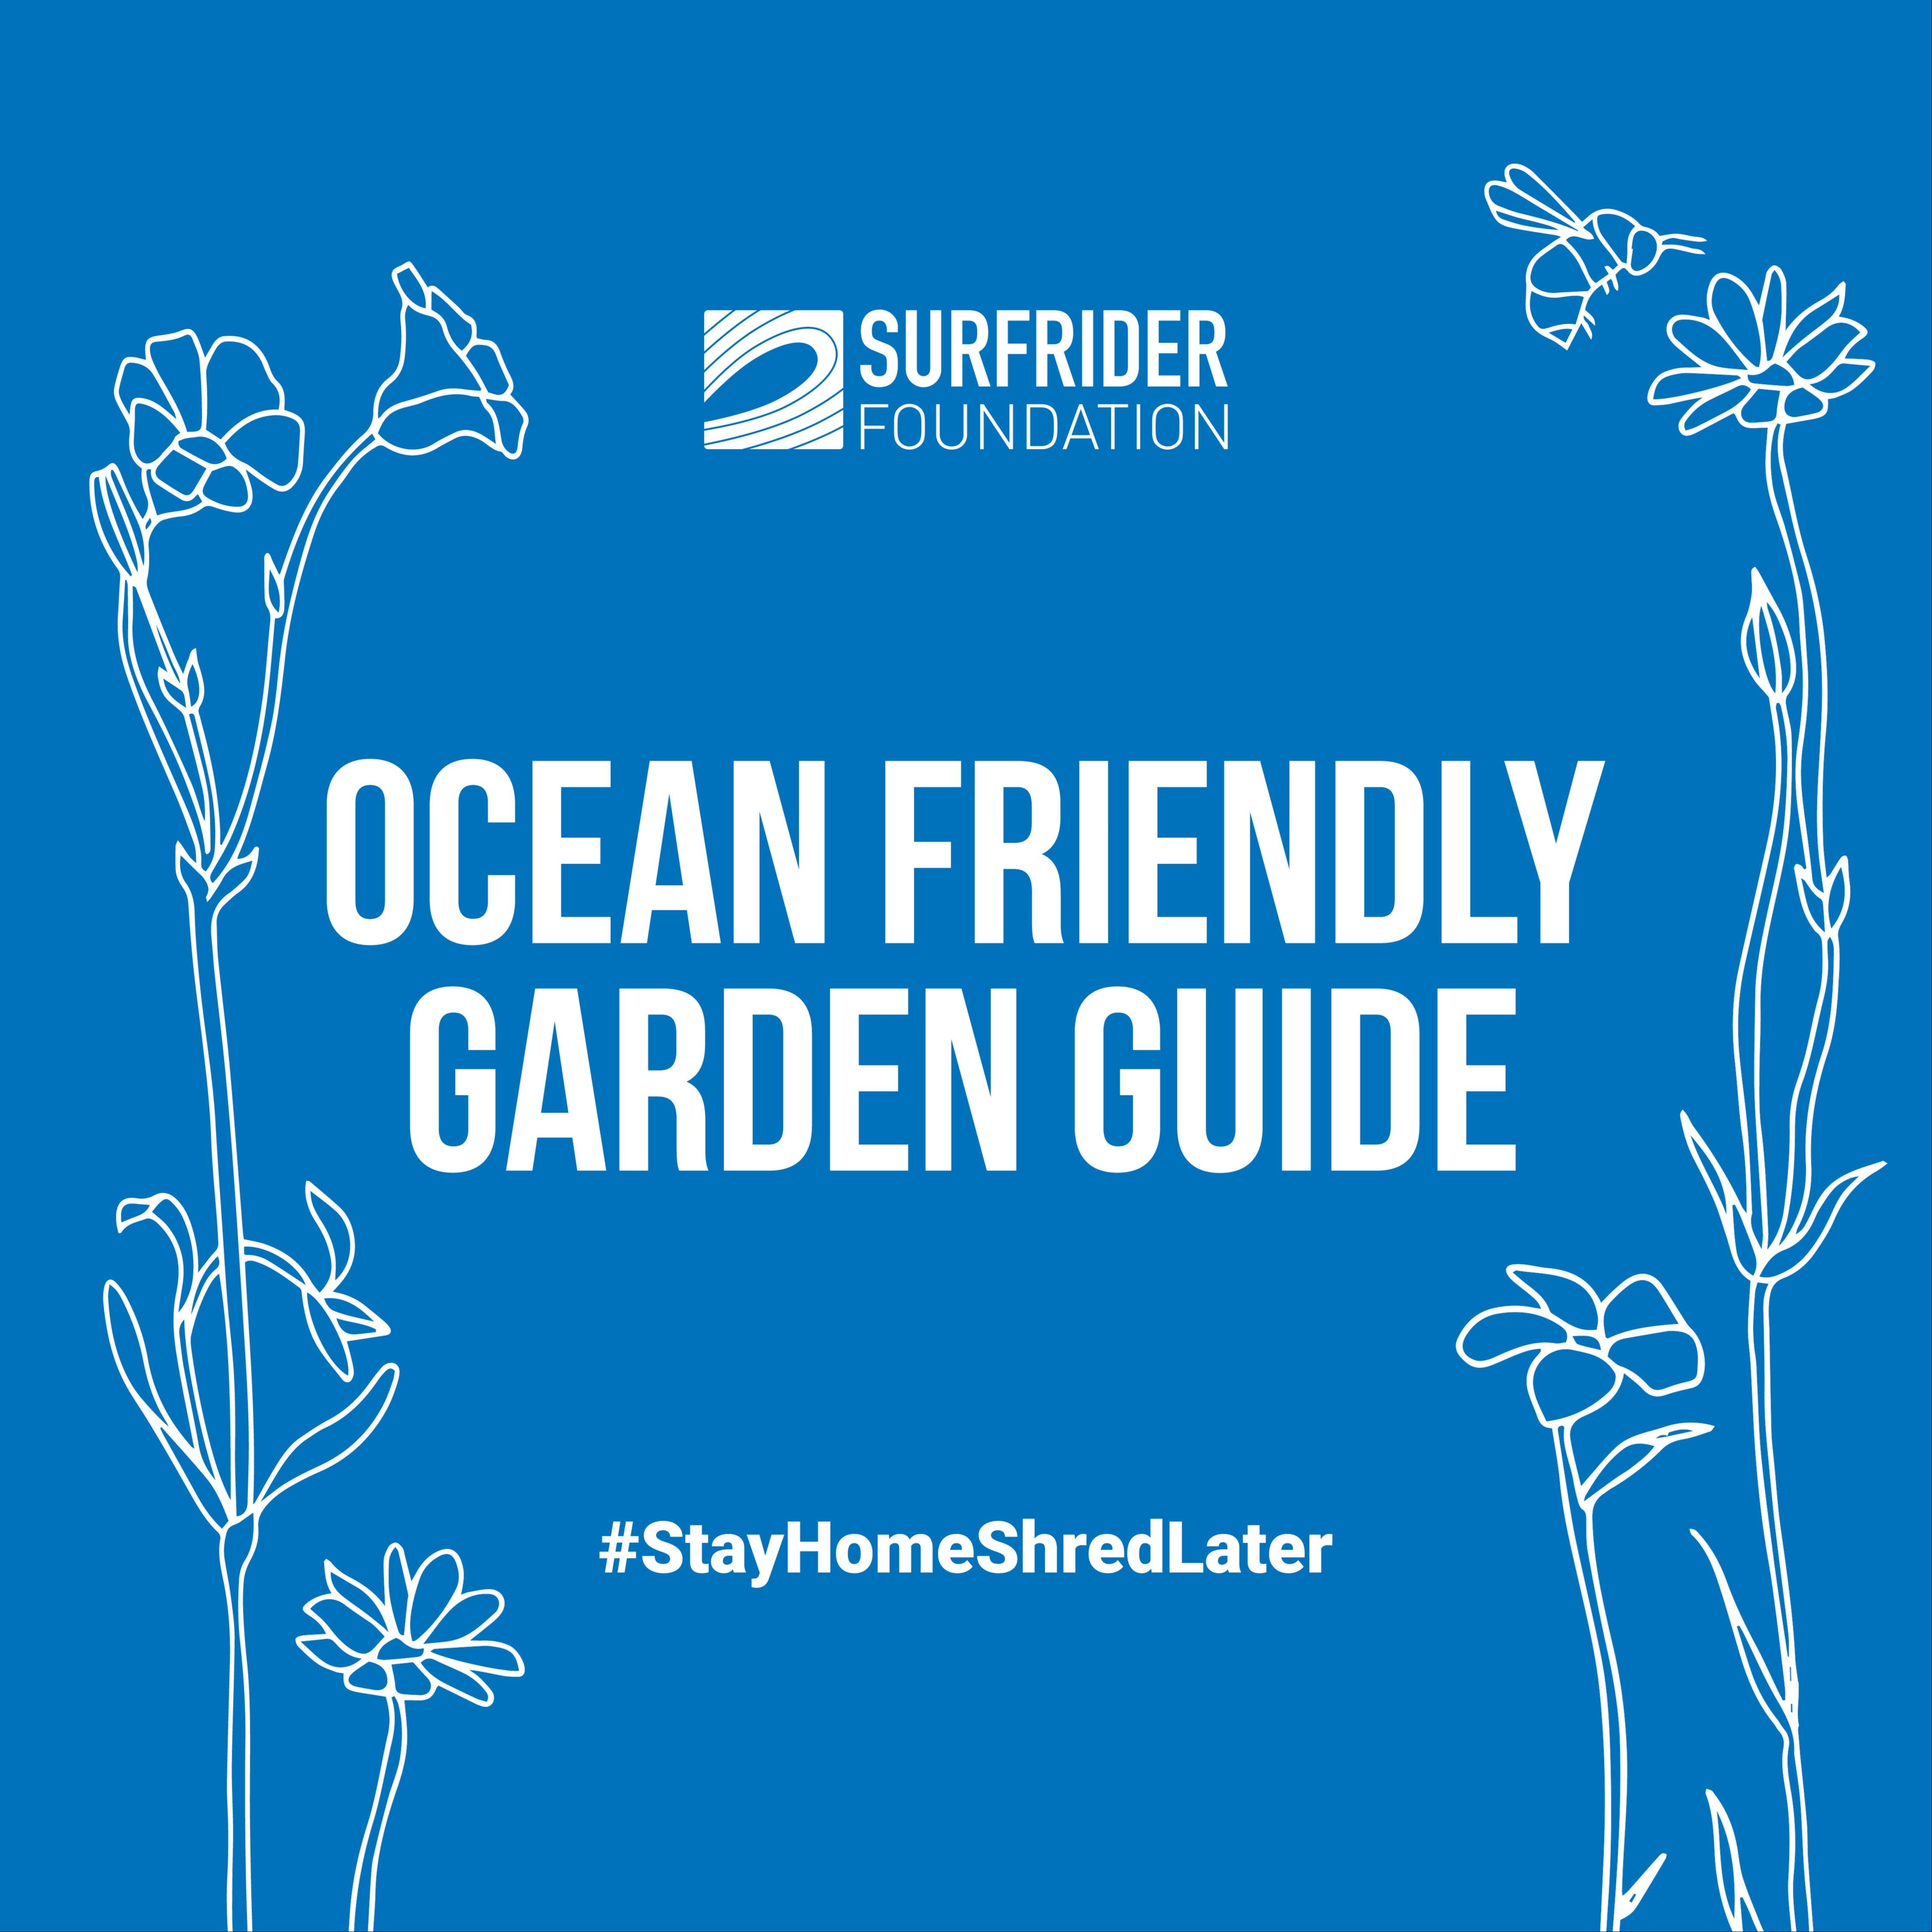 #OceanFriendly Garden Guide